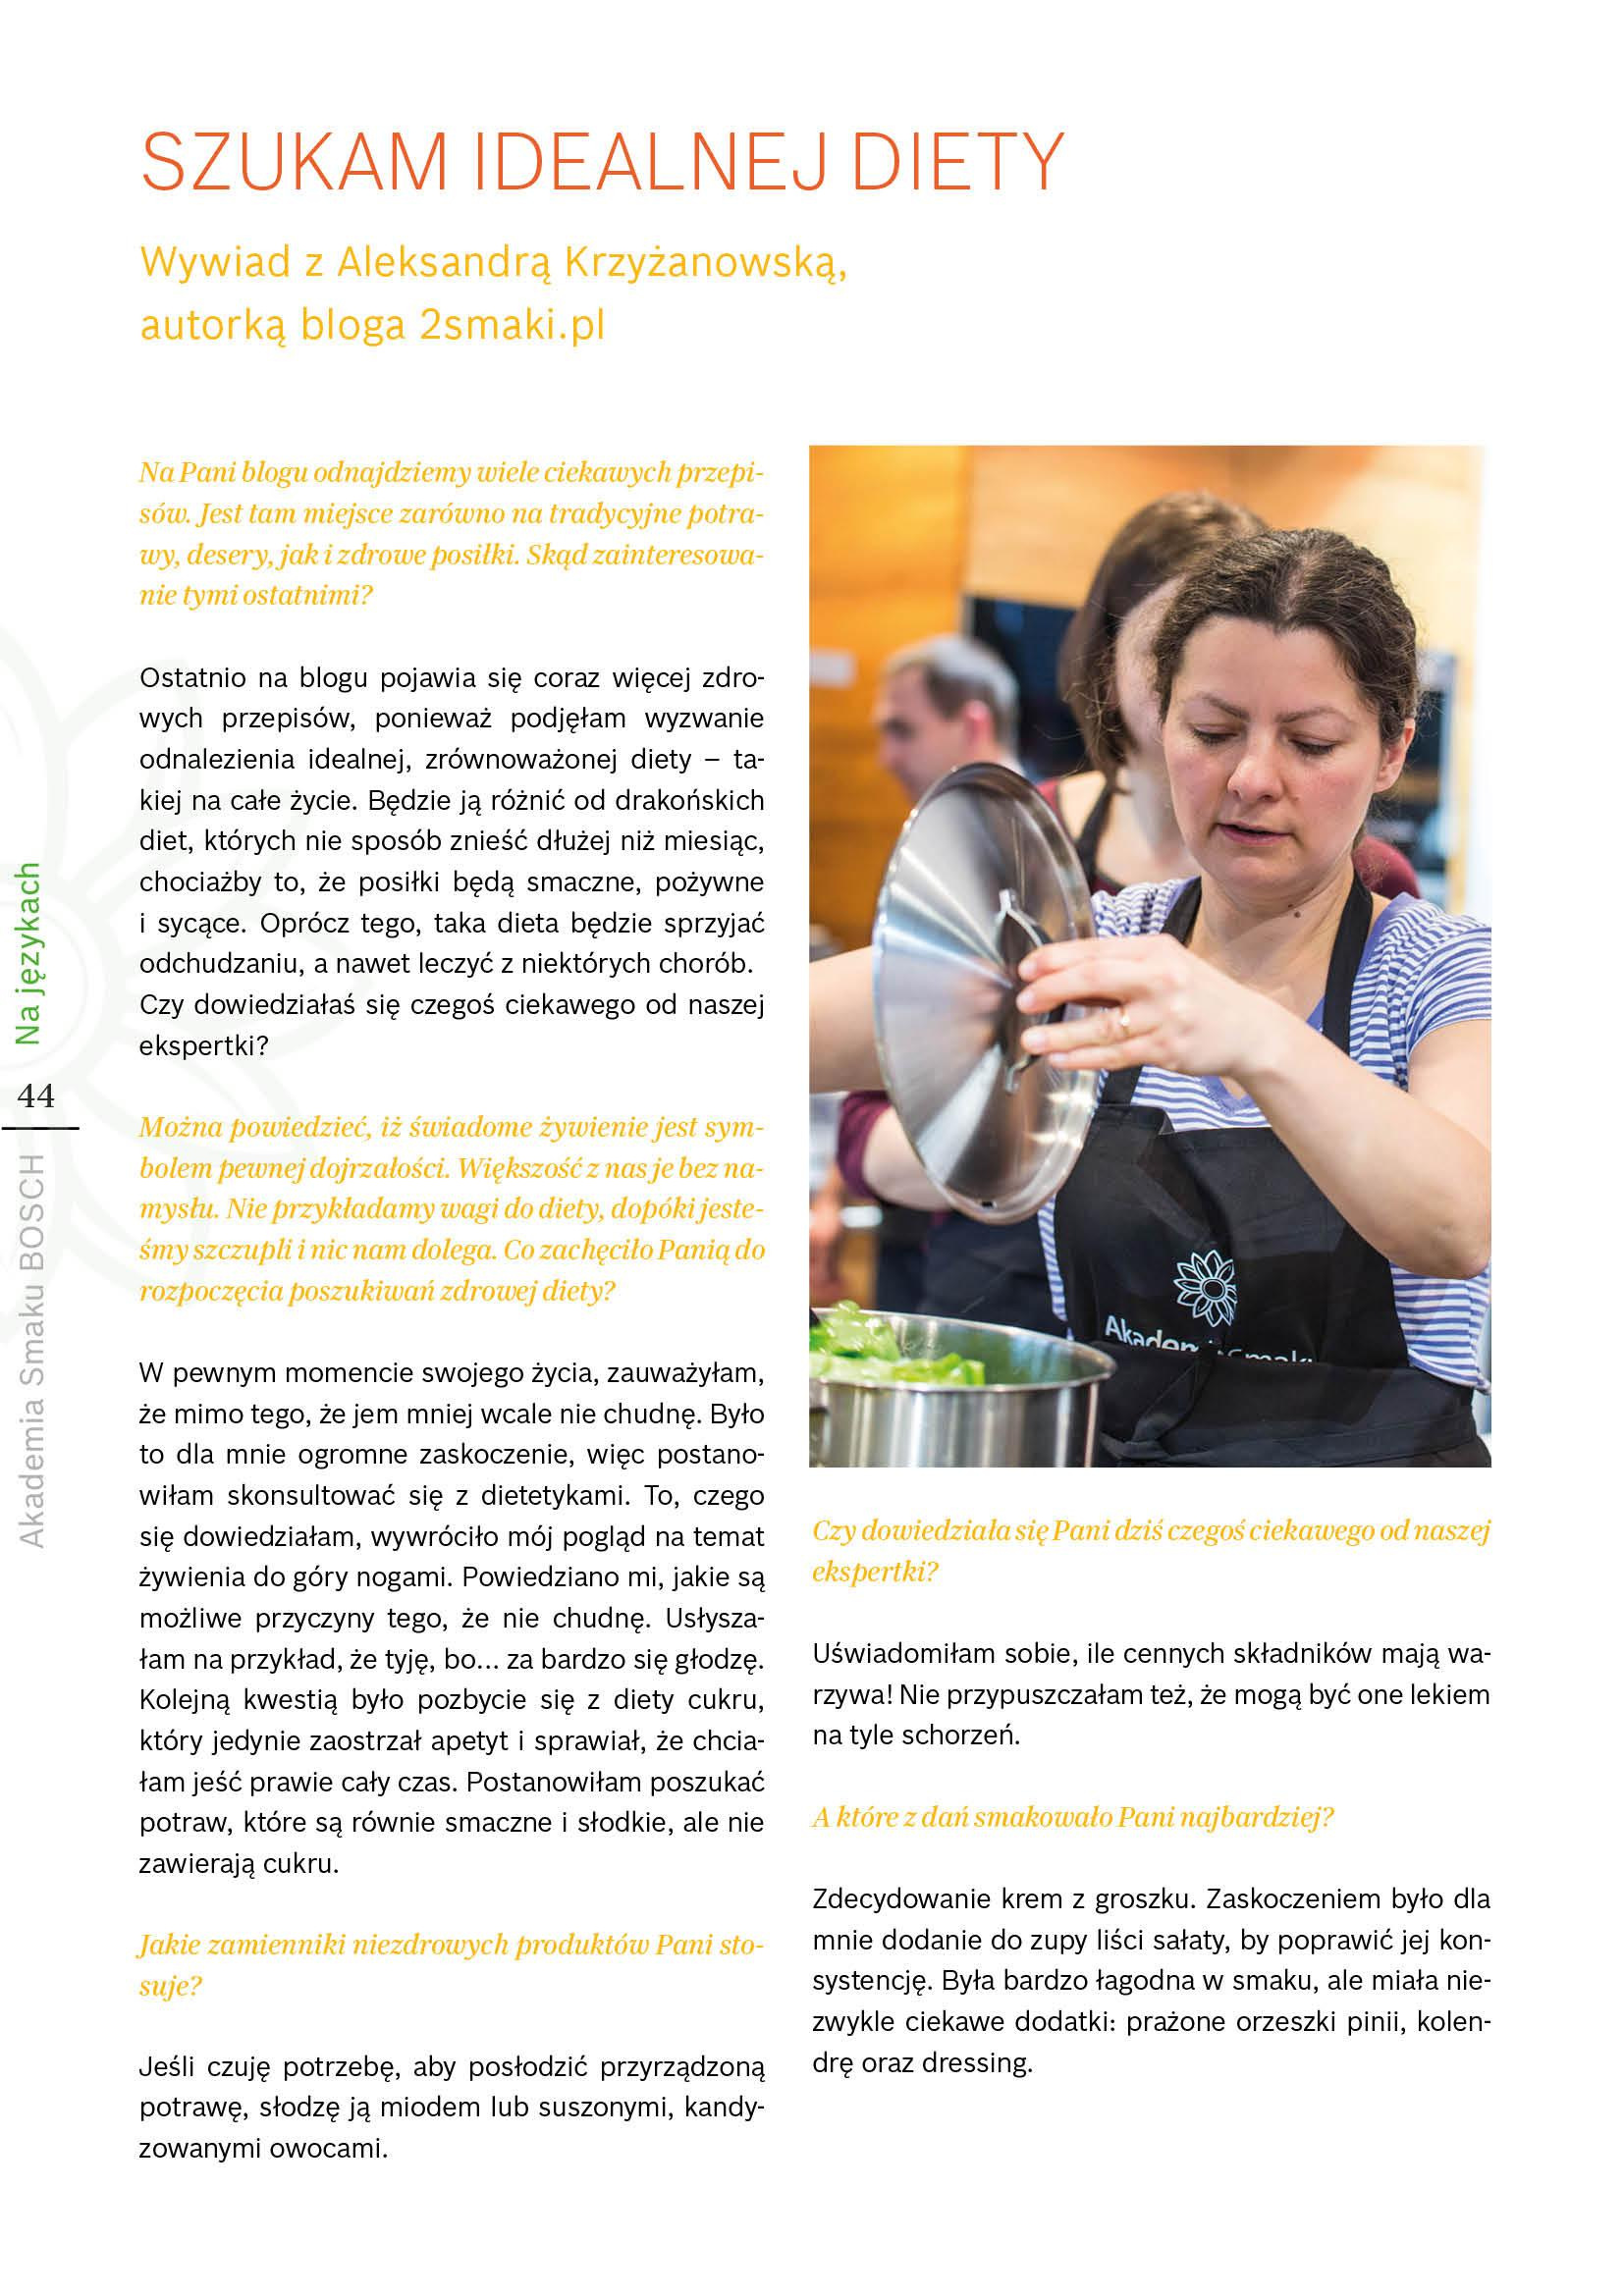 Kuchnia w parze ze zdrowiem - Strona 44